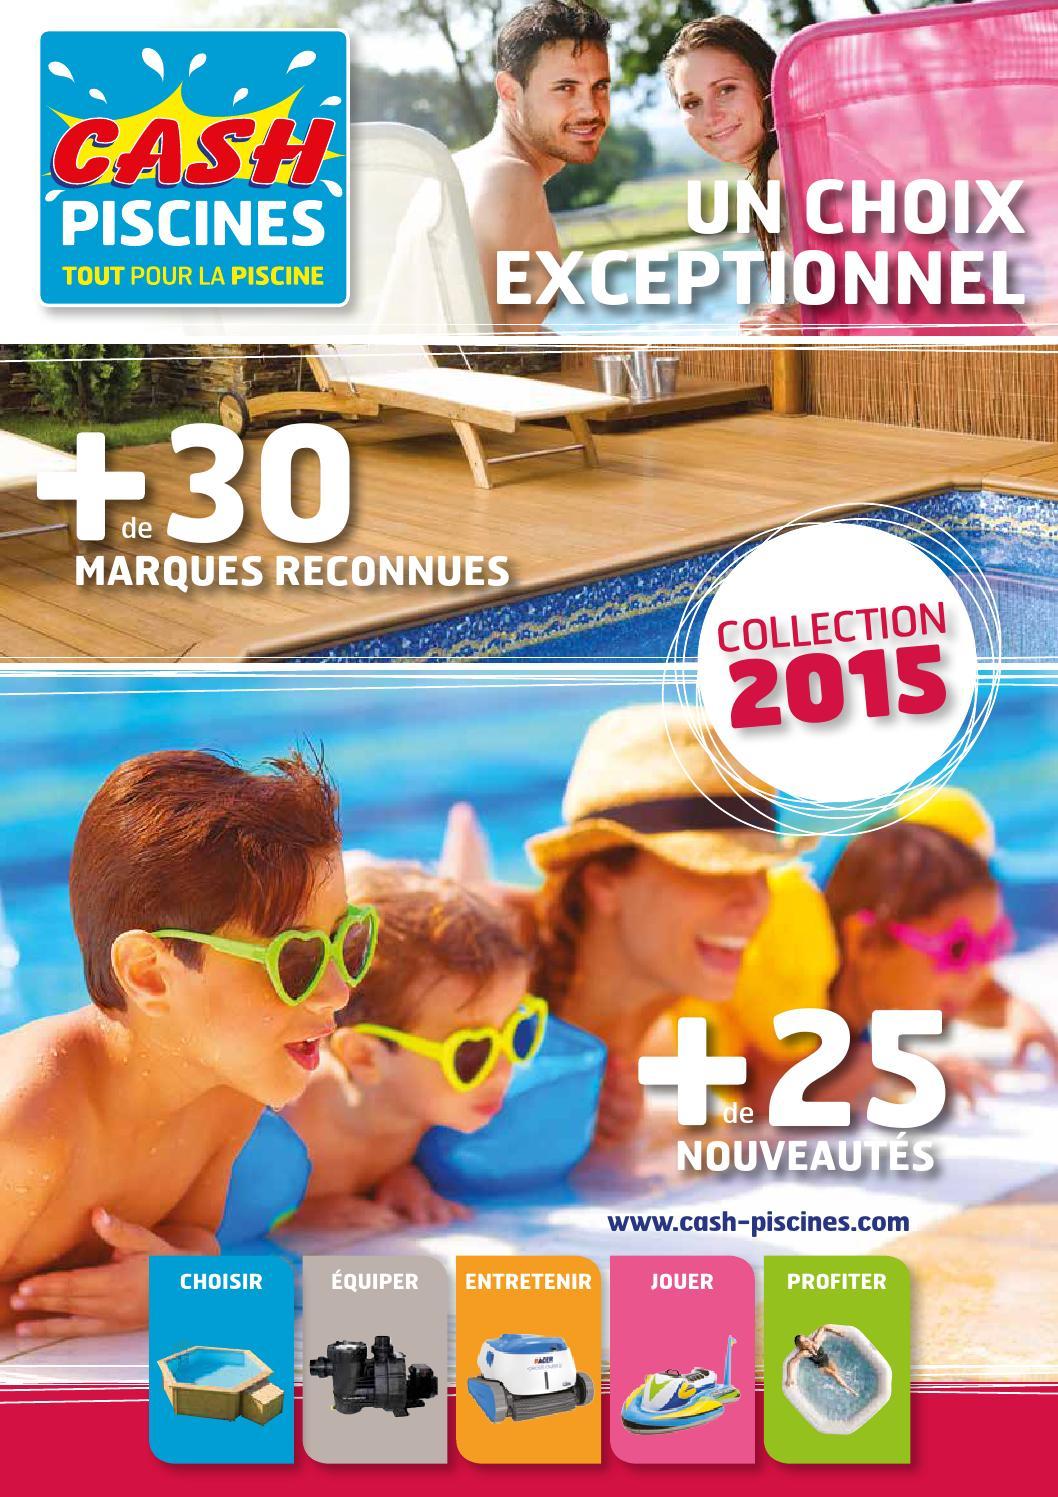 Catalogue Cash Piscines 2015 By Octave Octave - Issuu à Cash Piscine Brive